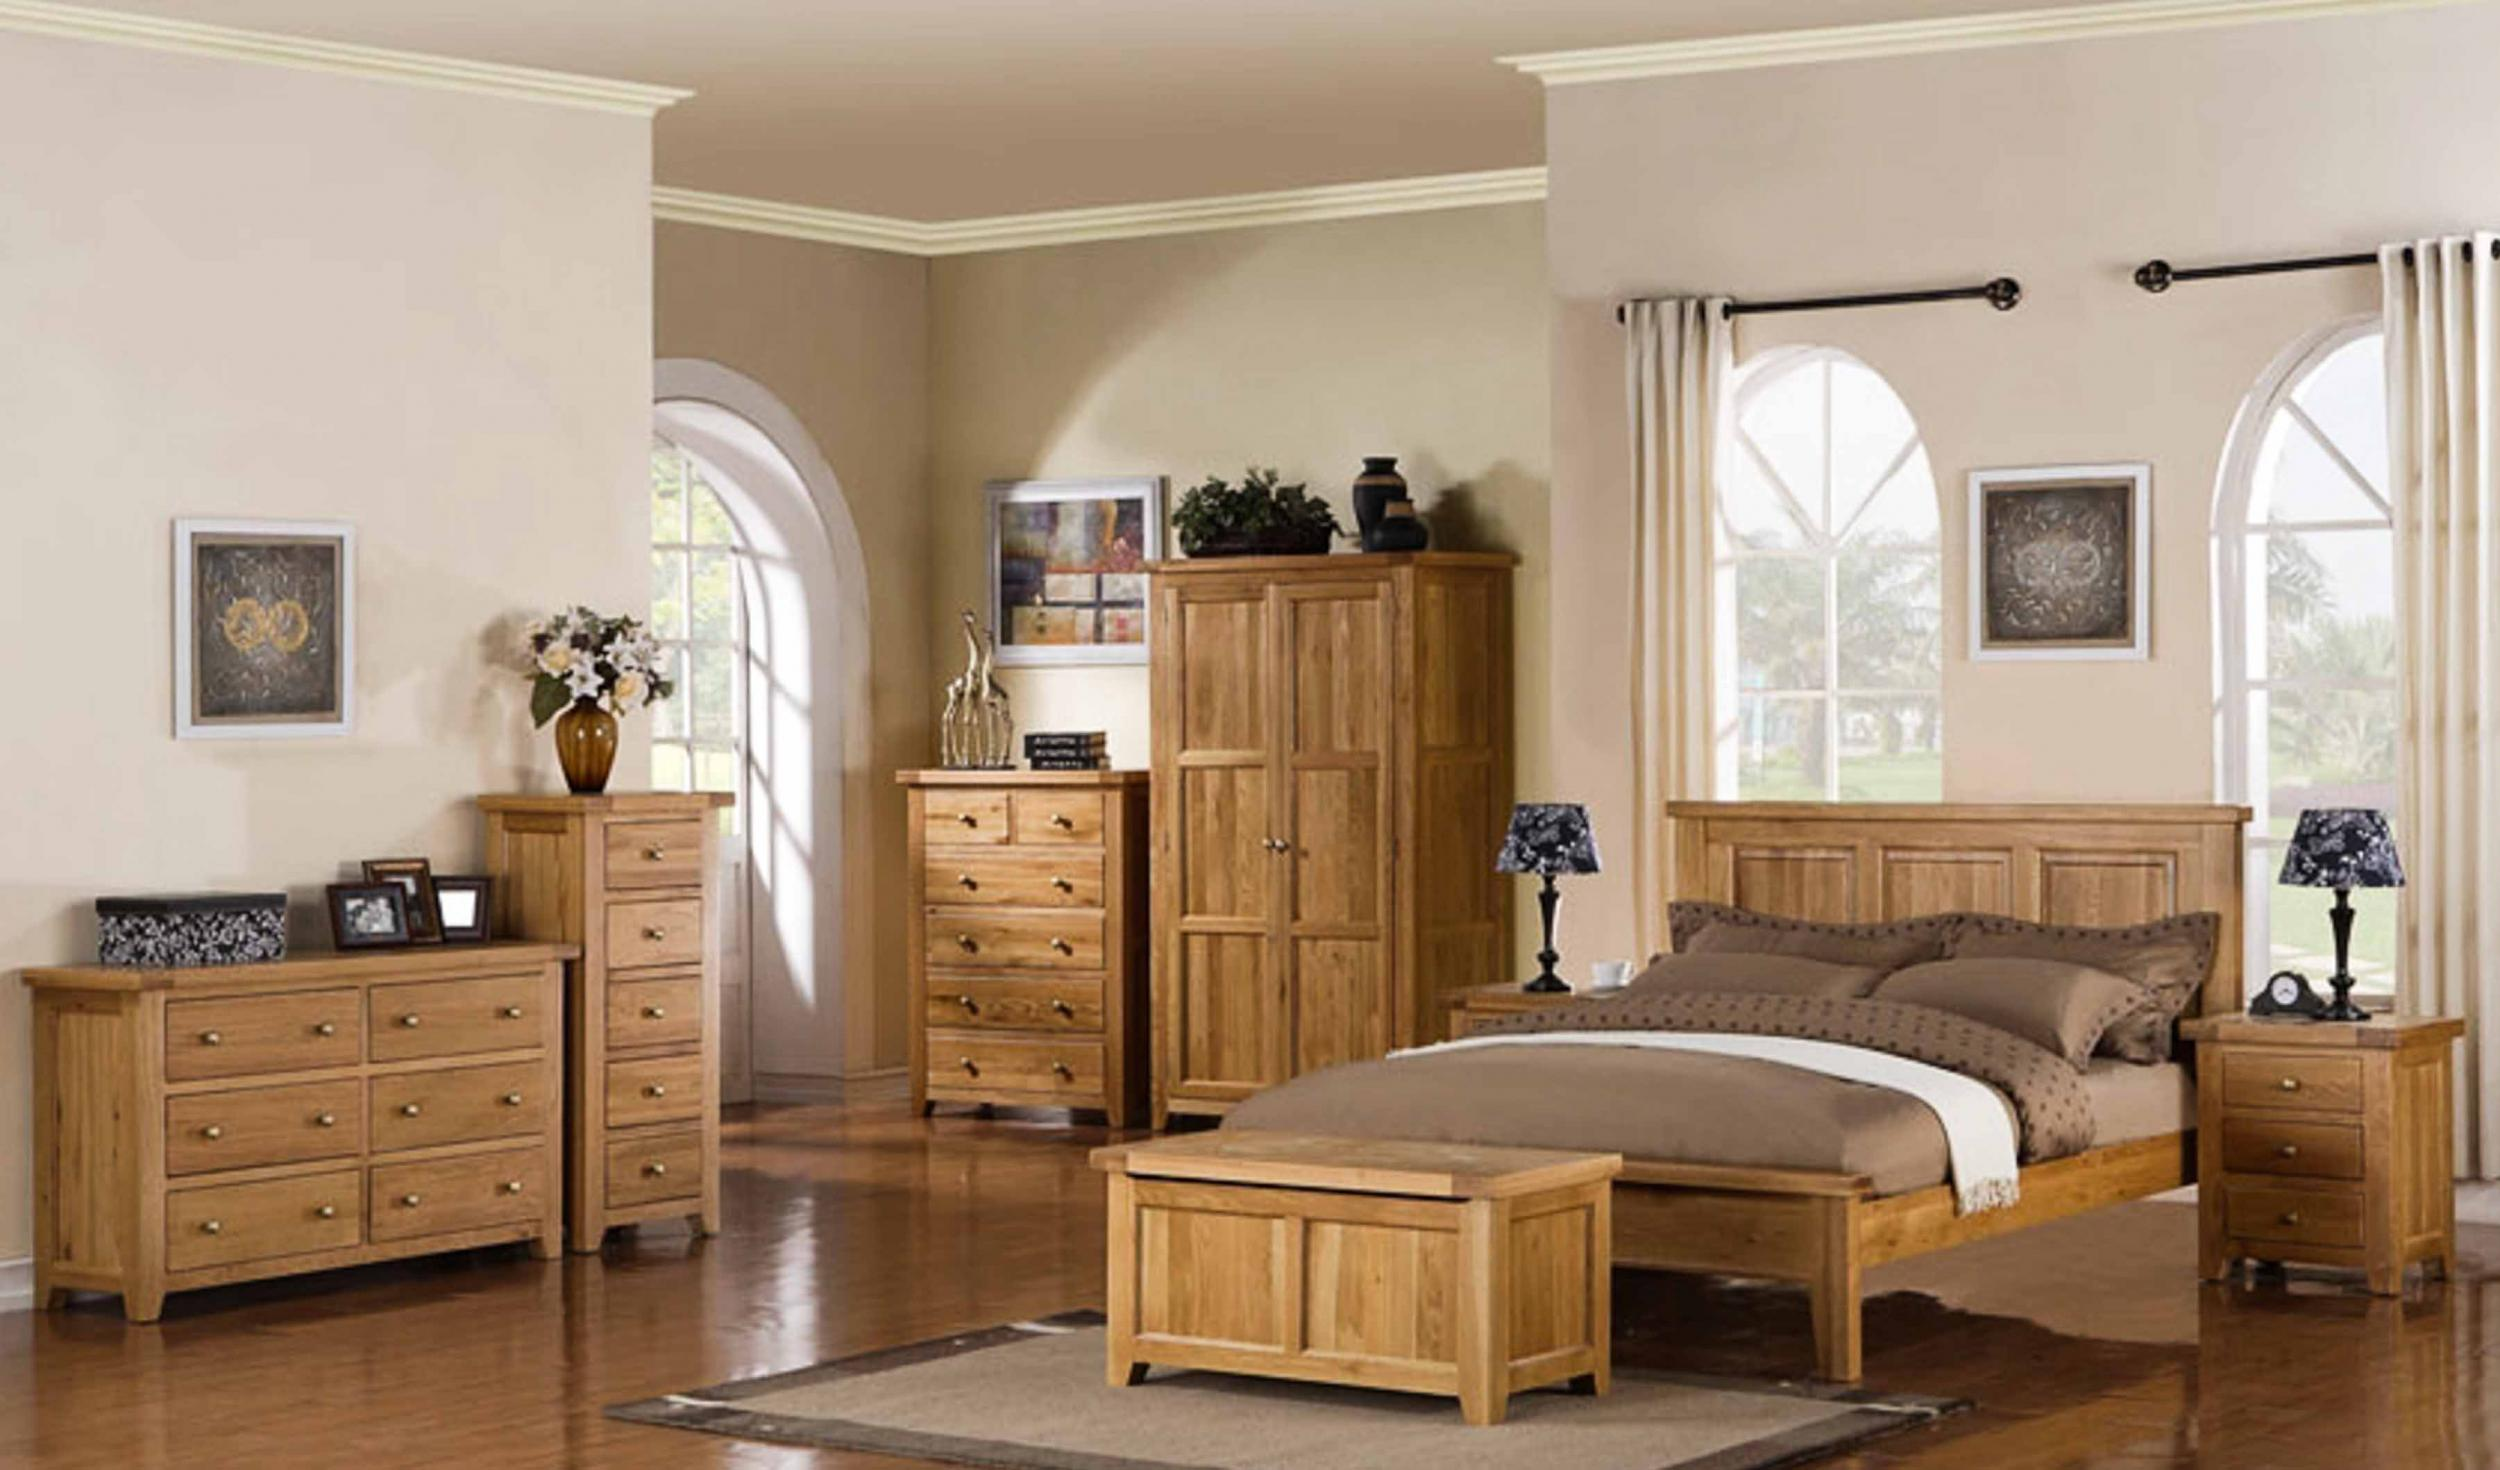 Практчиная мебель и ее выбор